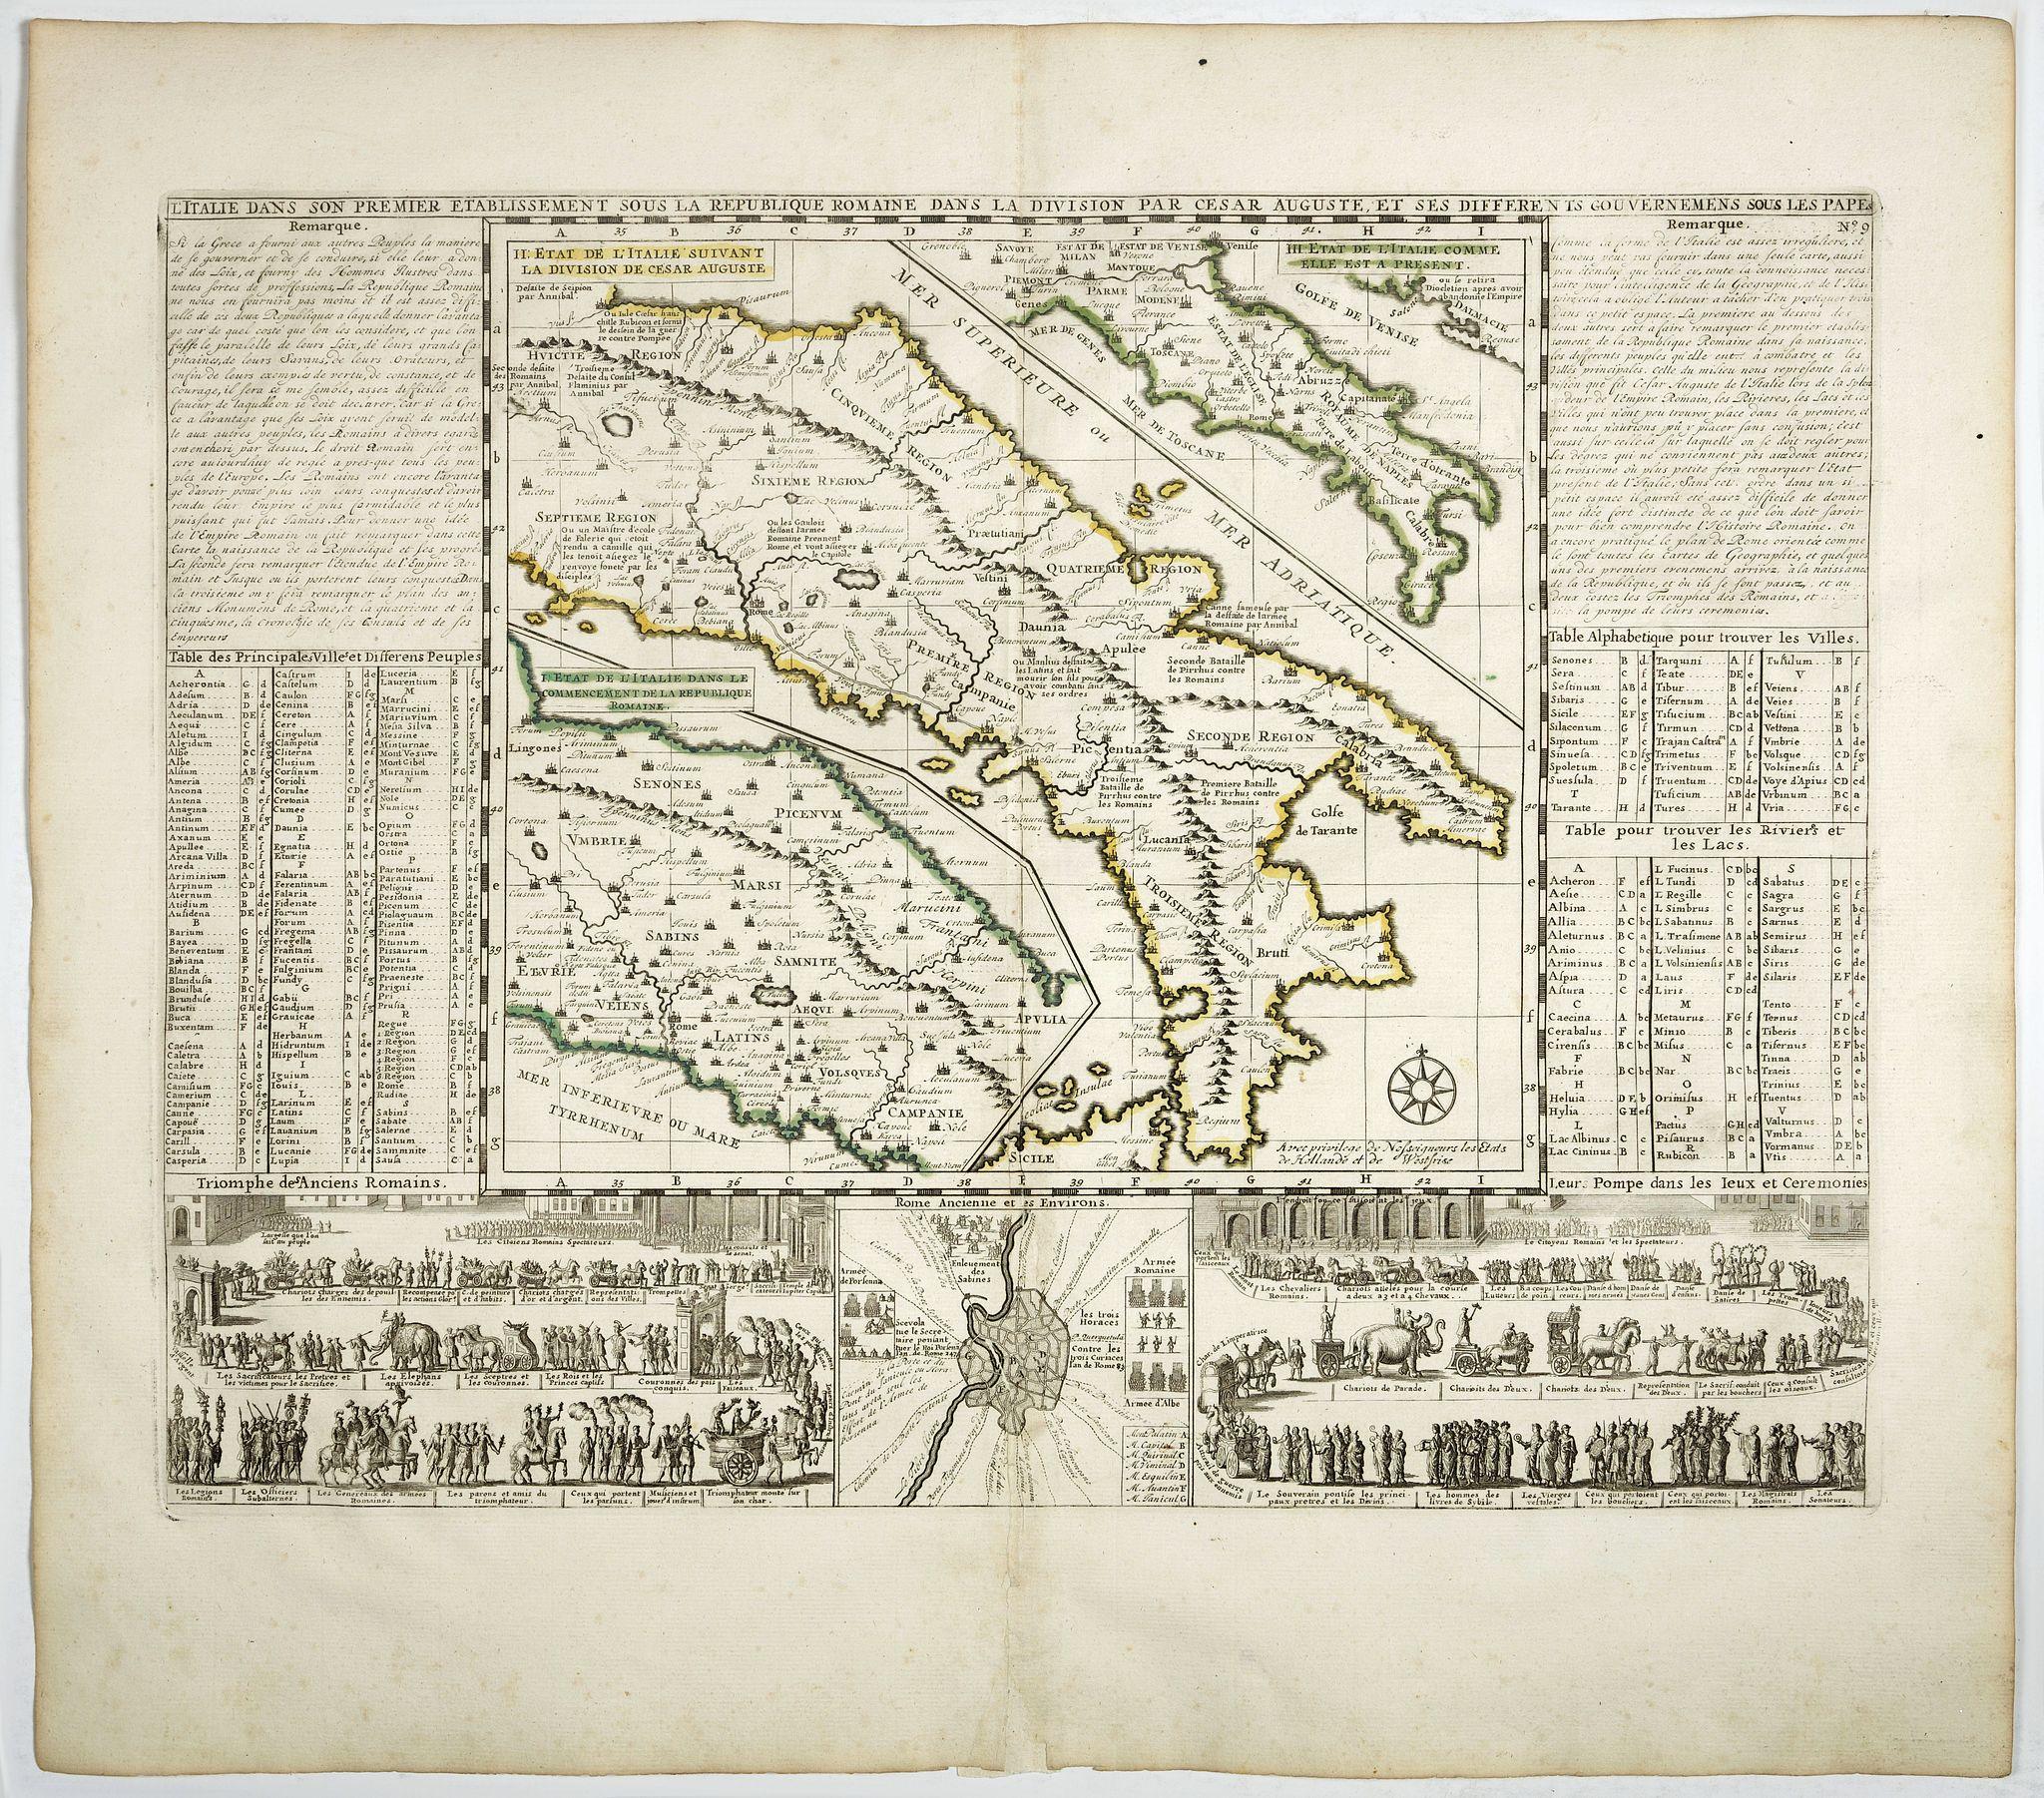 CHATELAIN,H. -  L'Italie dans son Premier Etablissement sous la Republique Romaine. . .